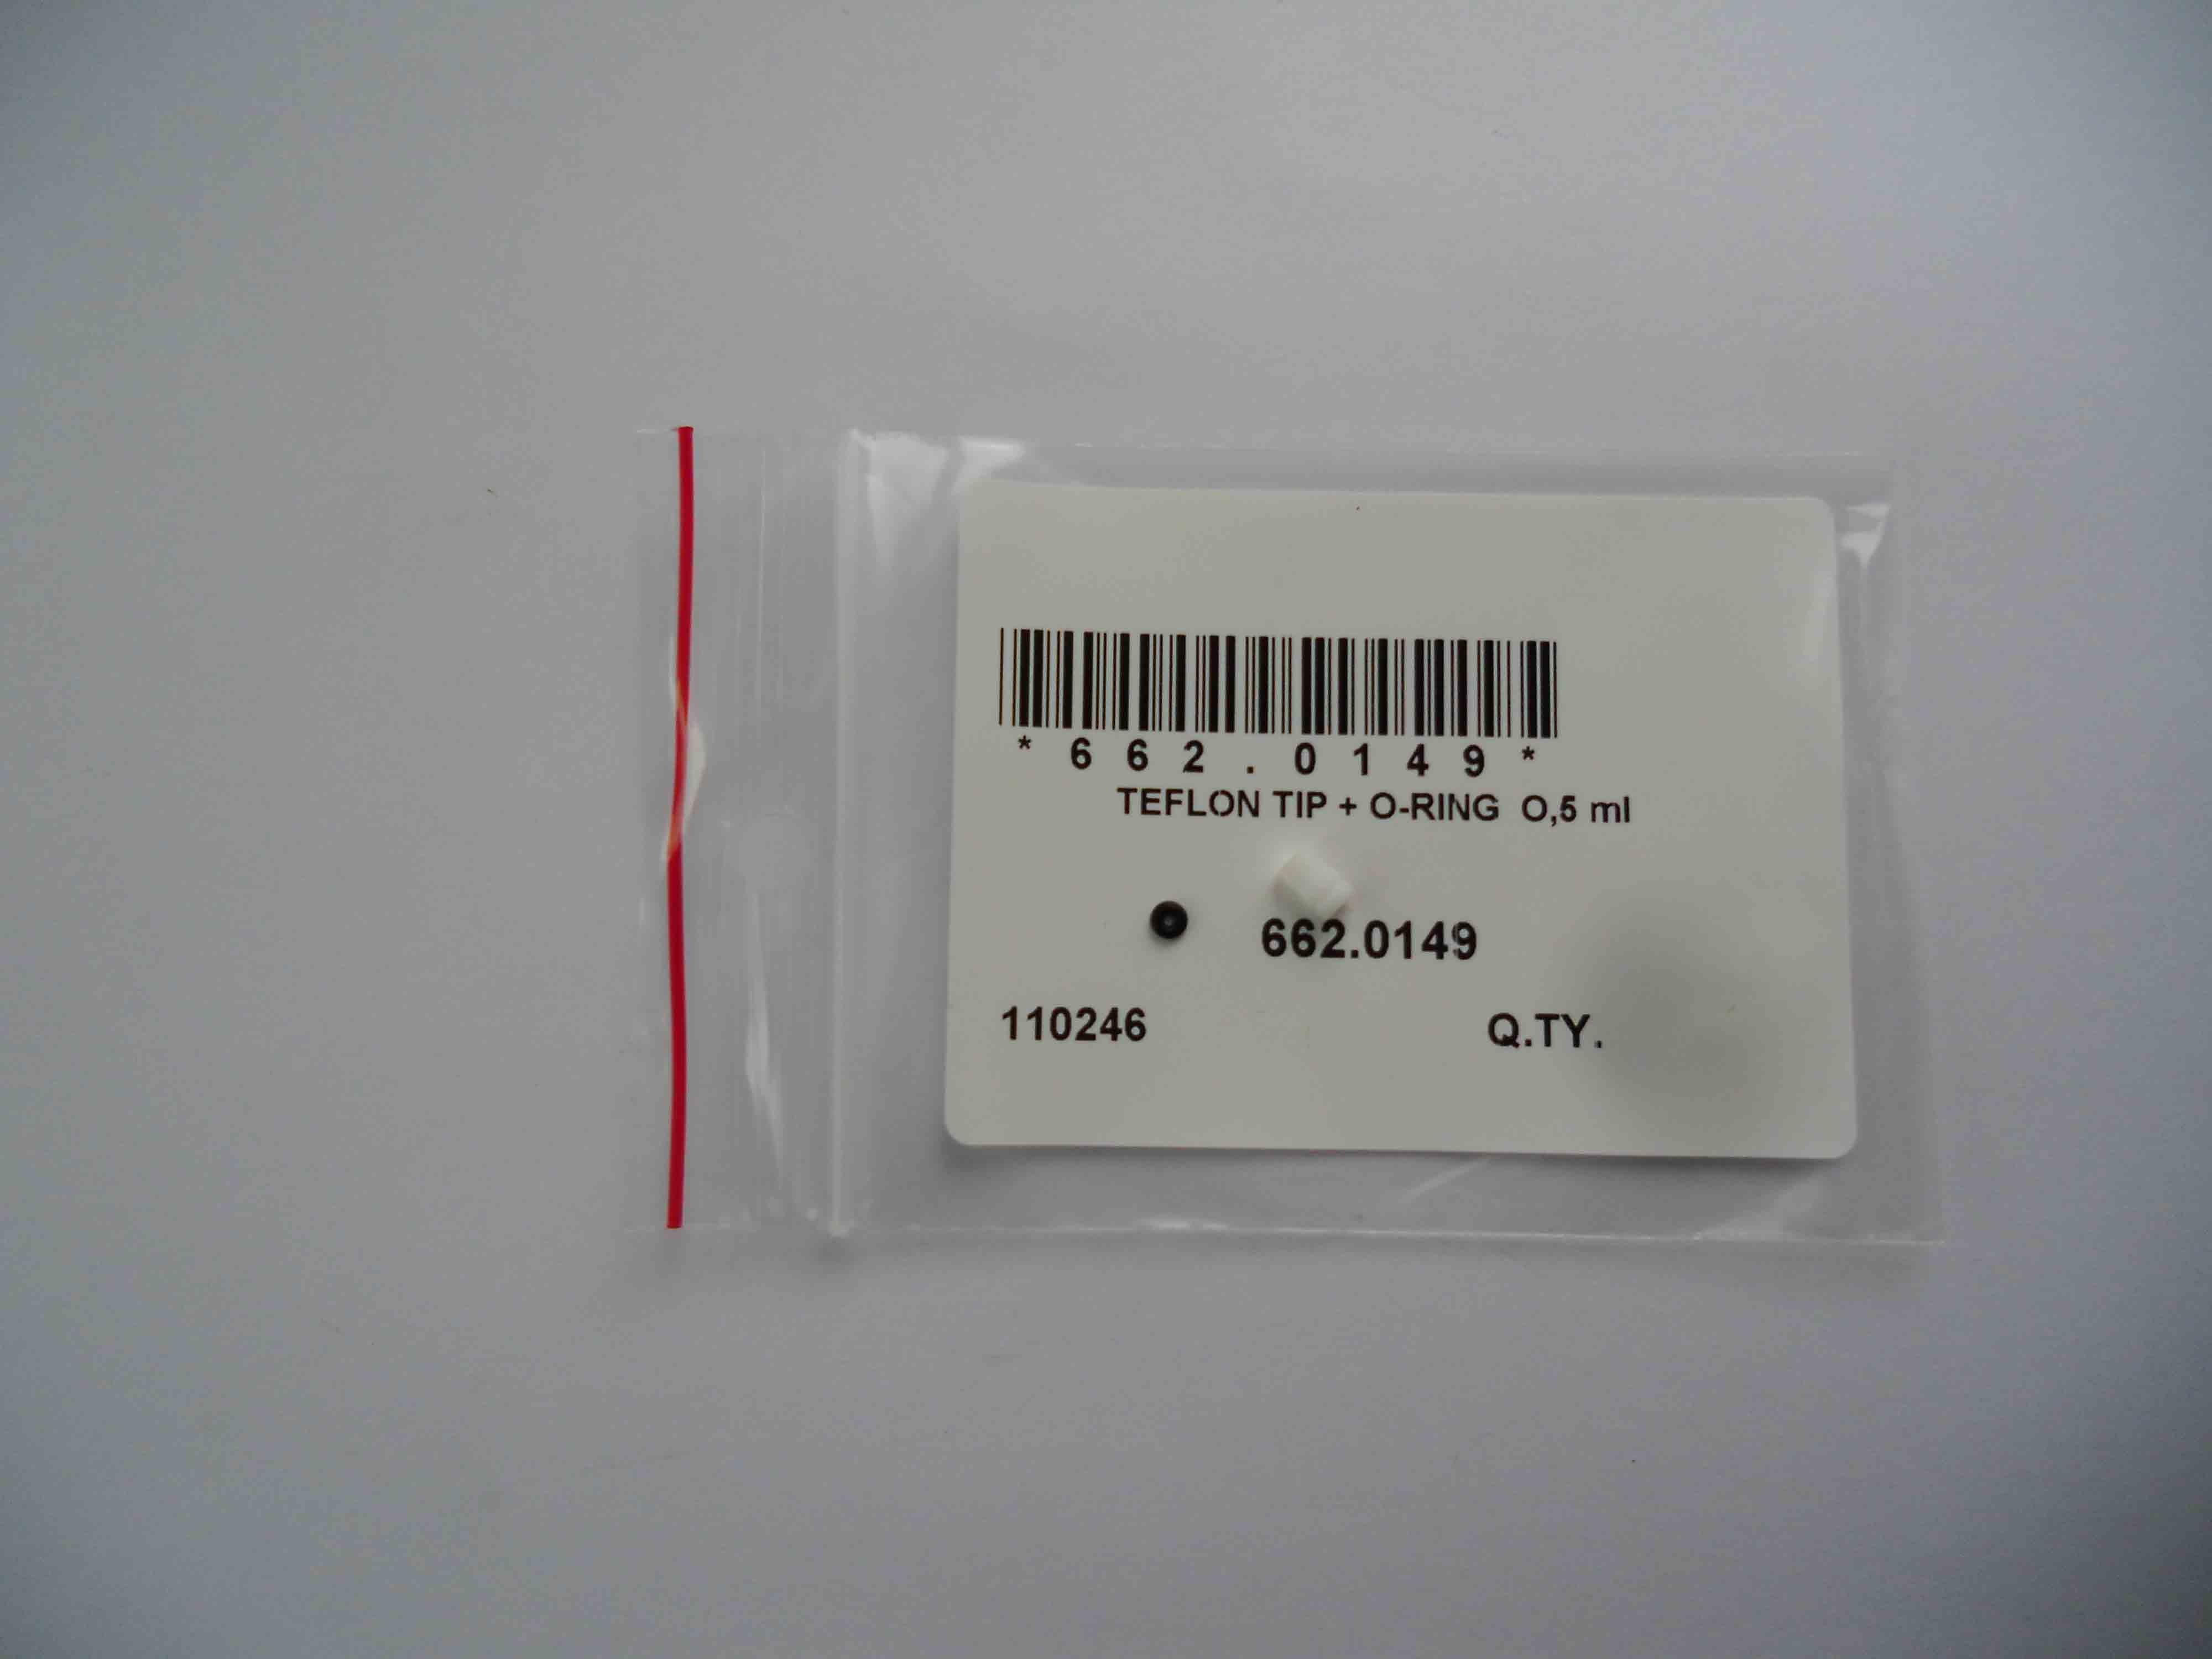 o ring chemistry. biotemcnica(italy bt) teflon tip + o ring 0.5ml,chemistry analyzer bt2000,bt3000 new chemistry i